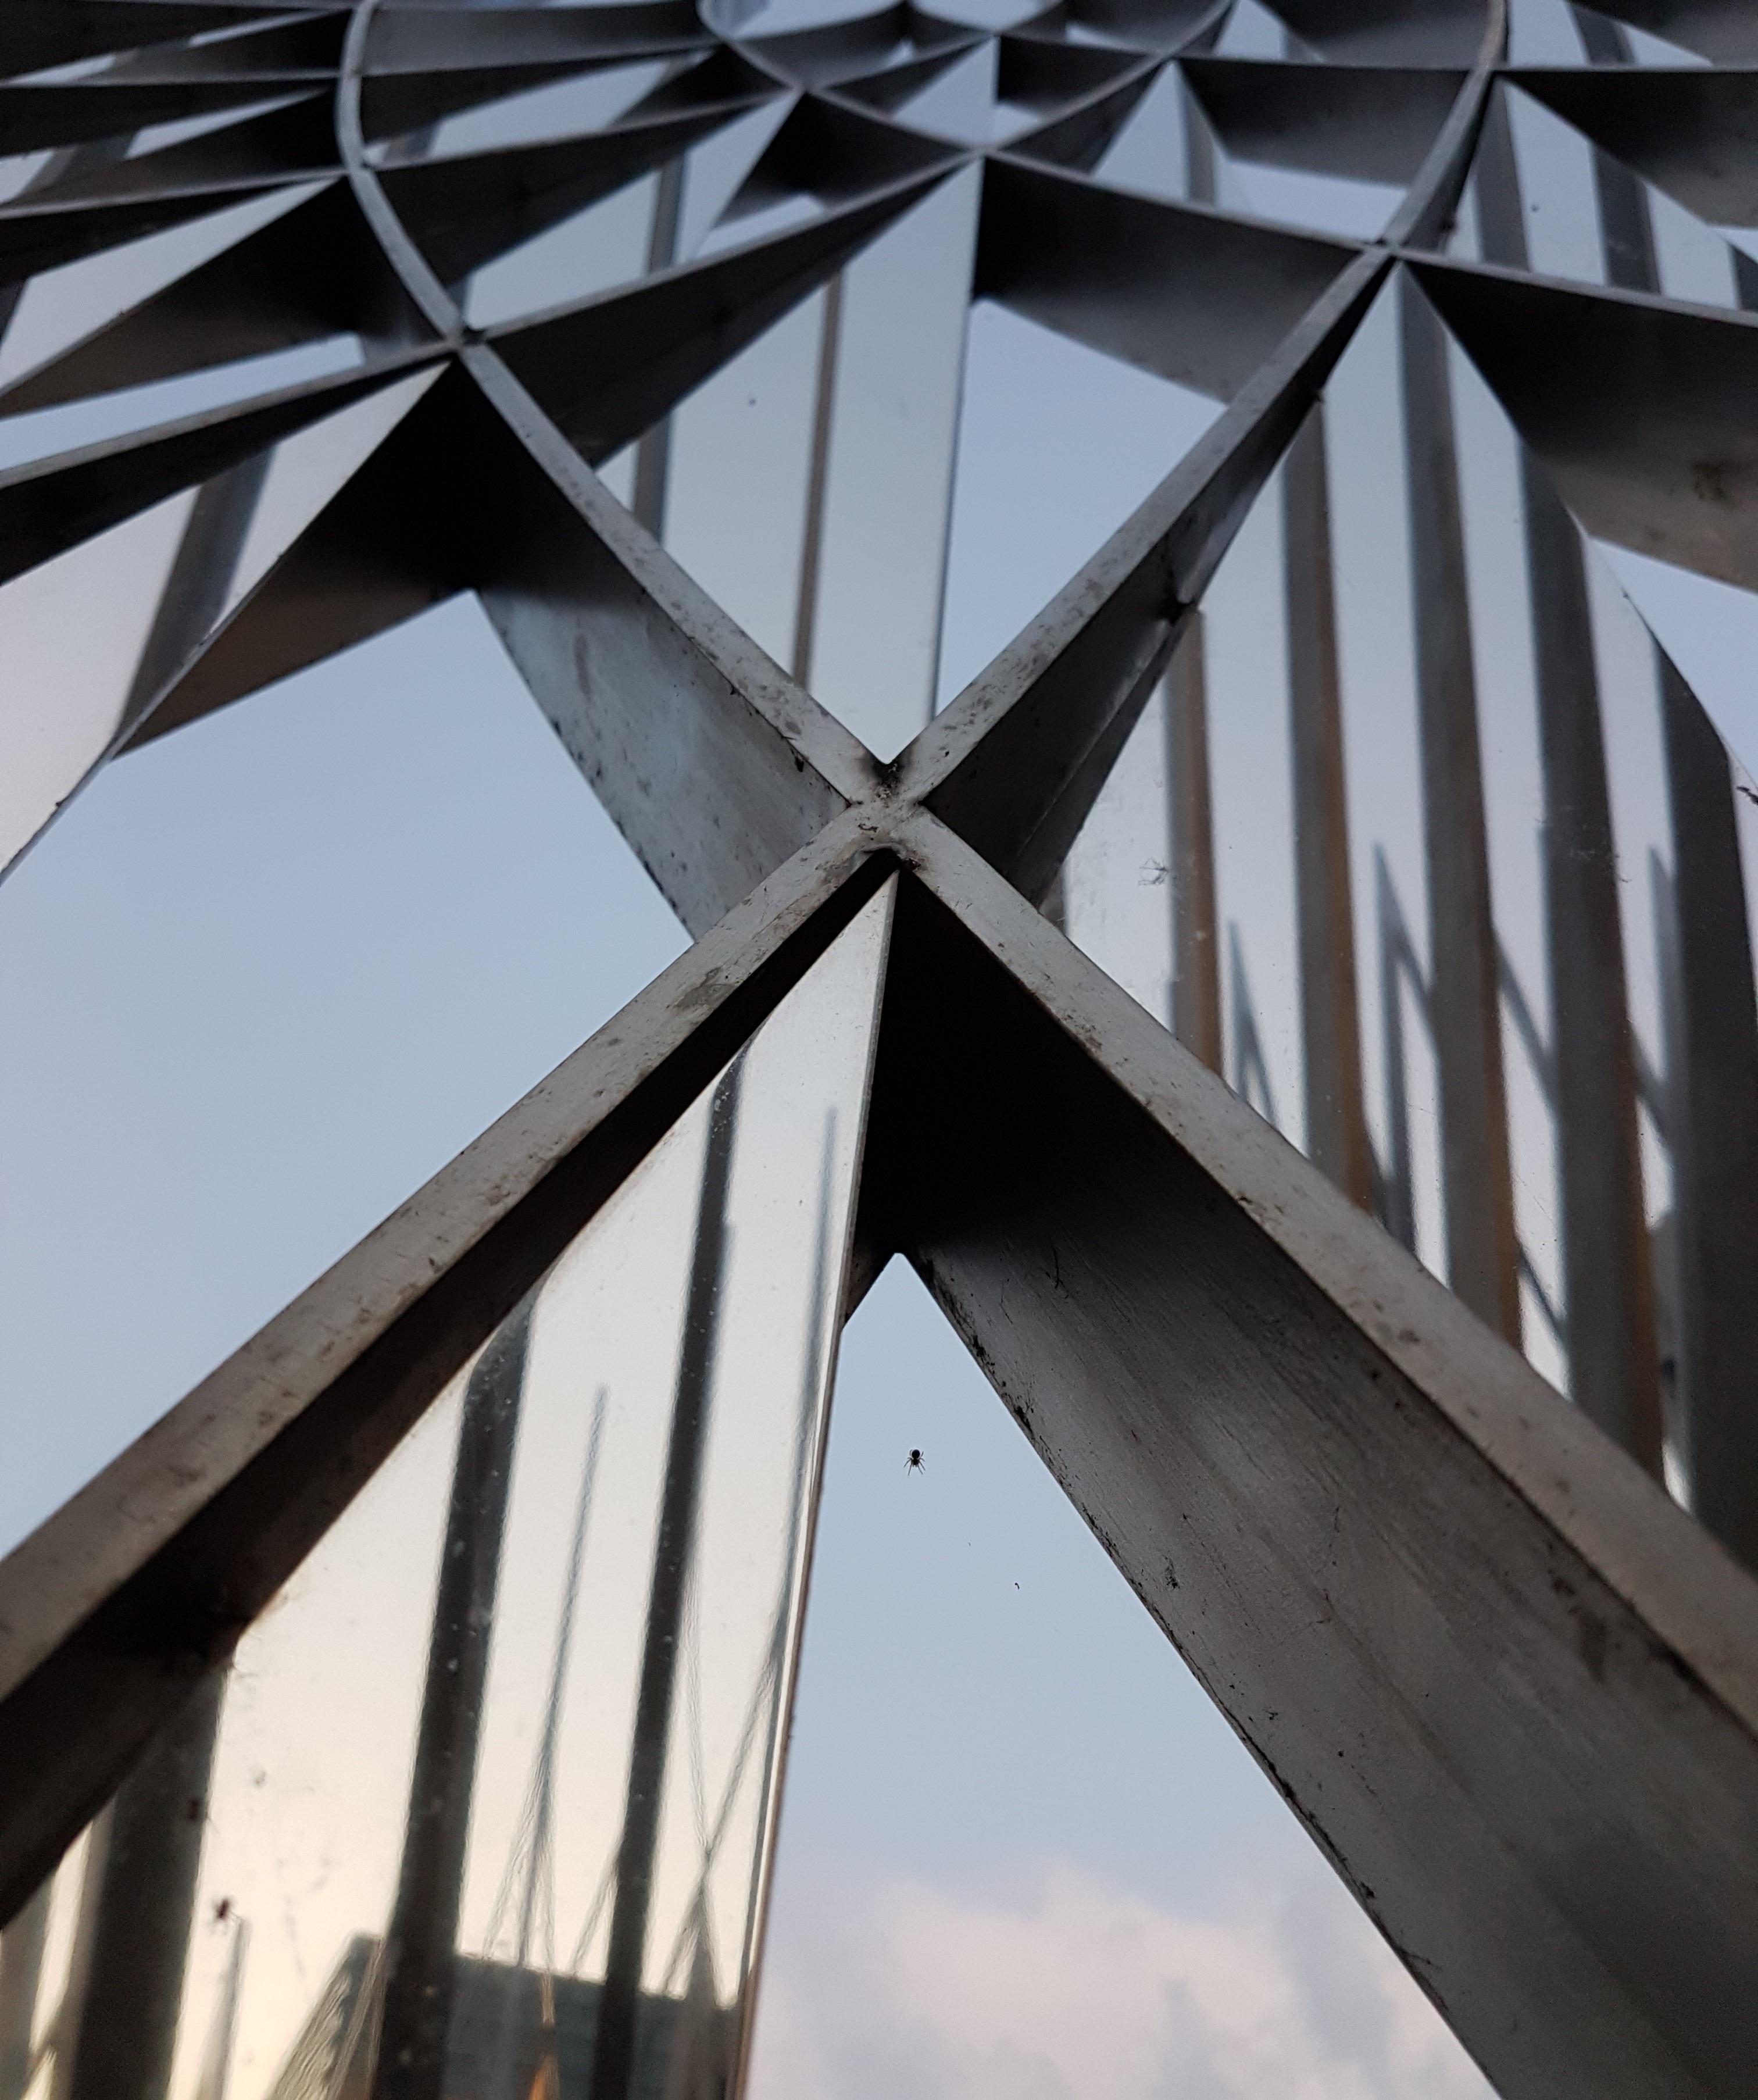 Stehlen Modern kostenlose foto die architektur struktur brücke stehlen linie